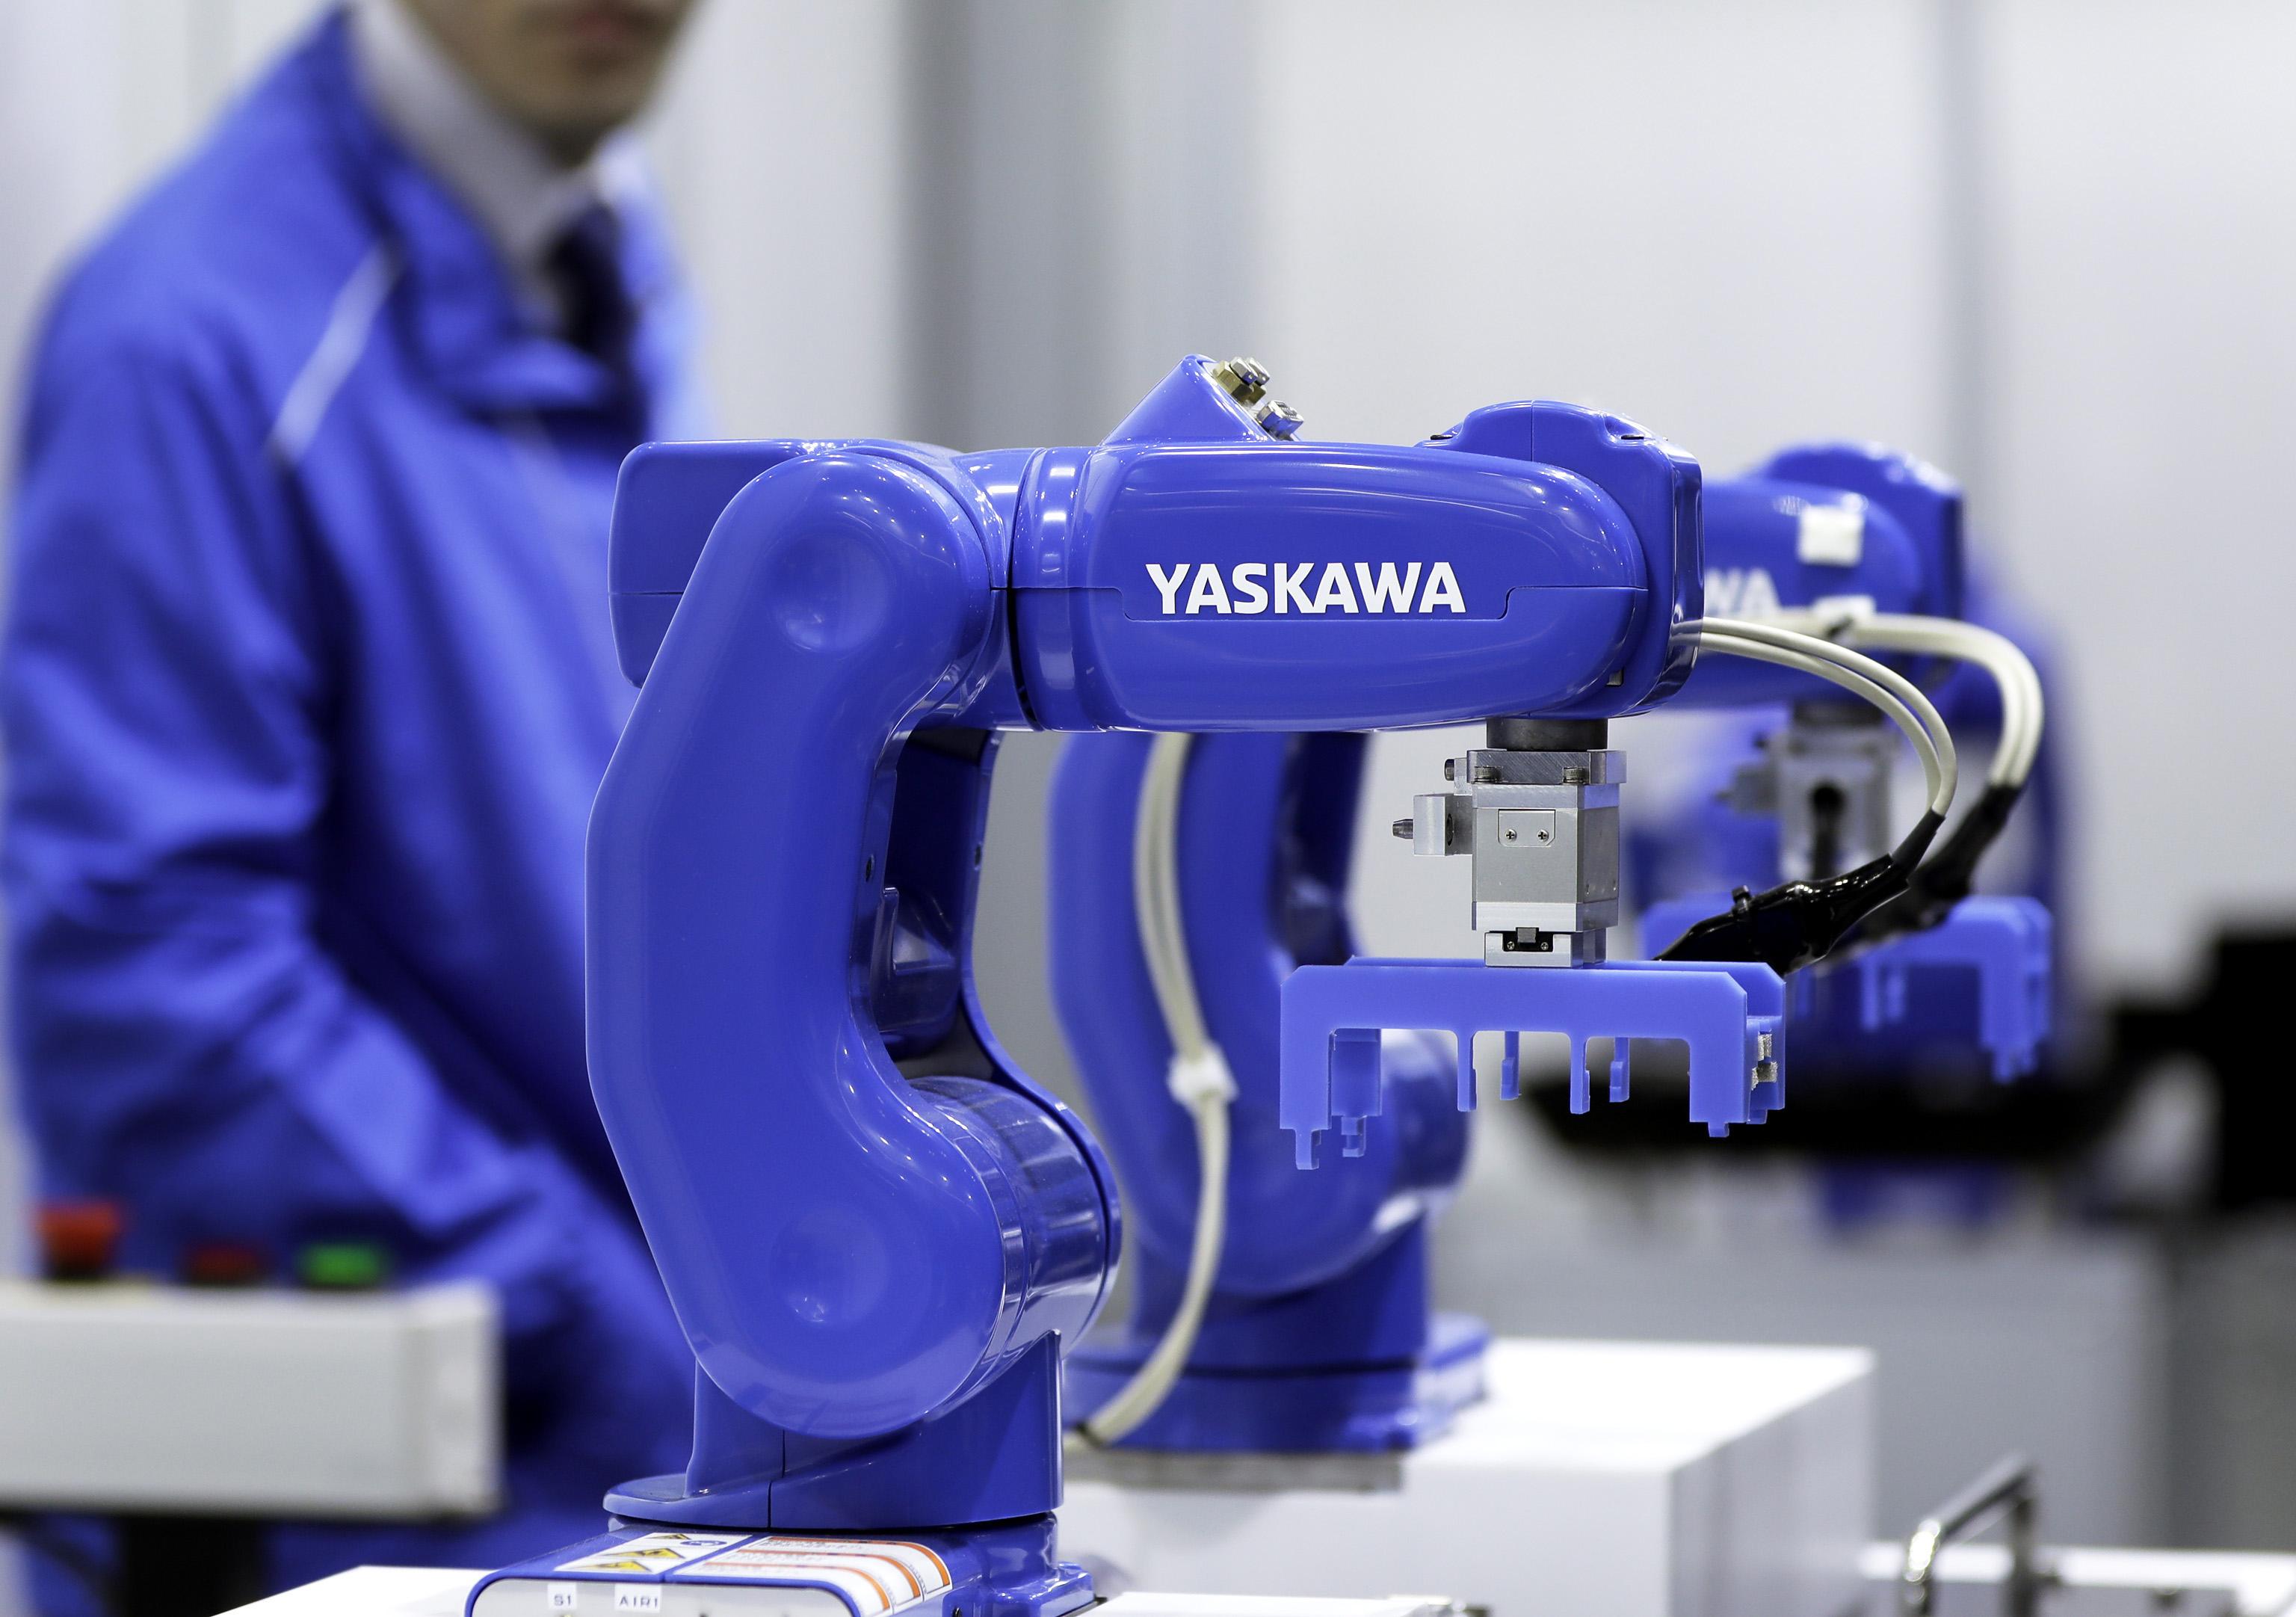 安川電機、世界最小ロボットの販売好調-金融業などからも引き合い